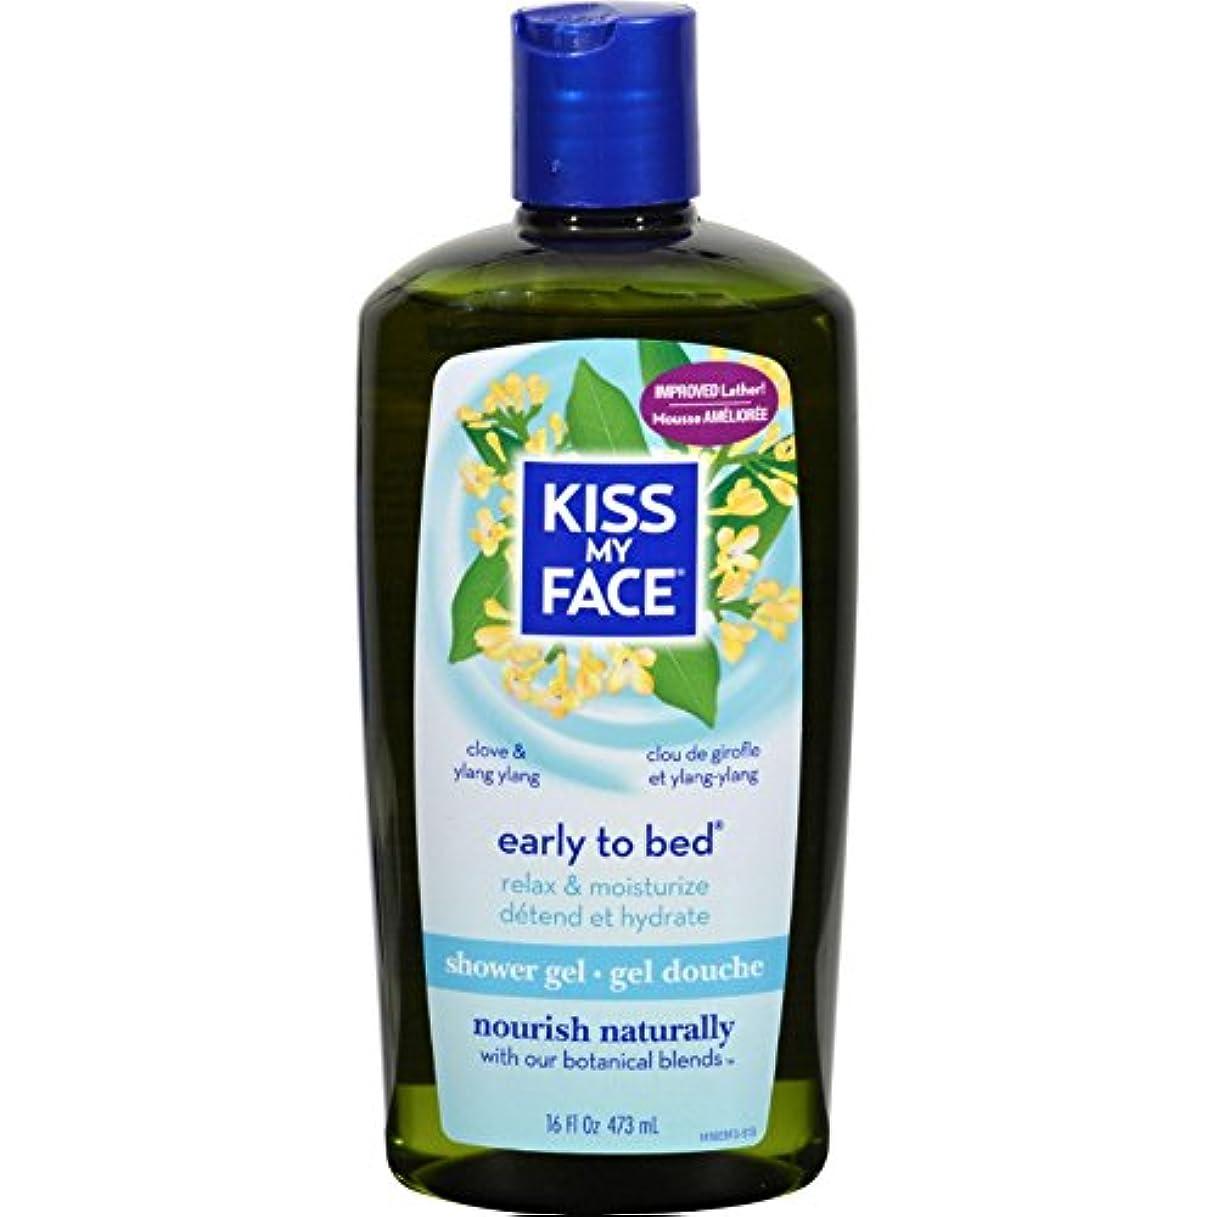 破裂公爵王族Bath and Shower Gel Early to Bed Clove and Ylang Ylang - 16 fl oz by Kiss My Face